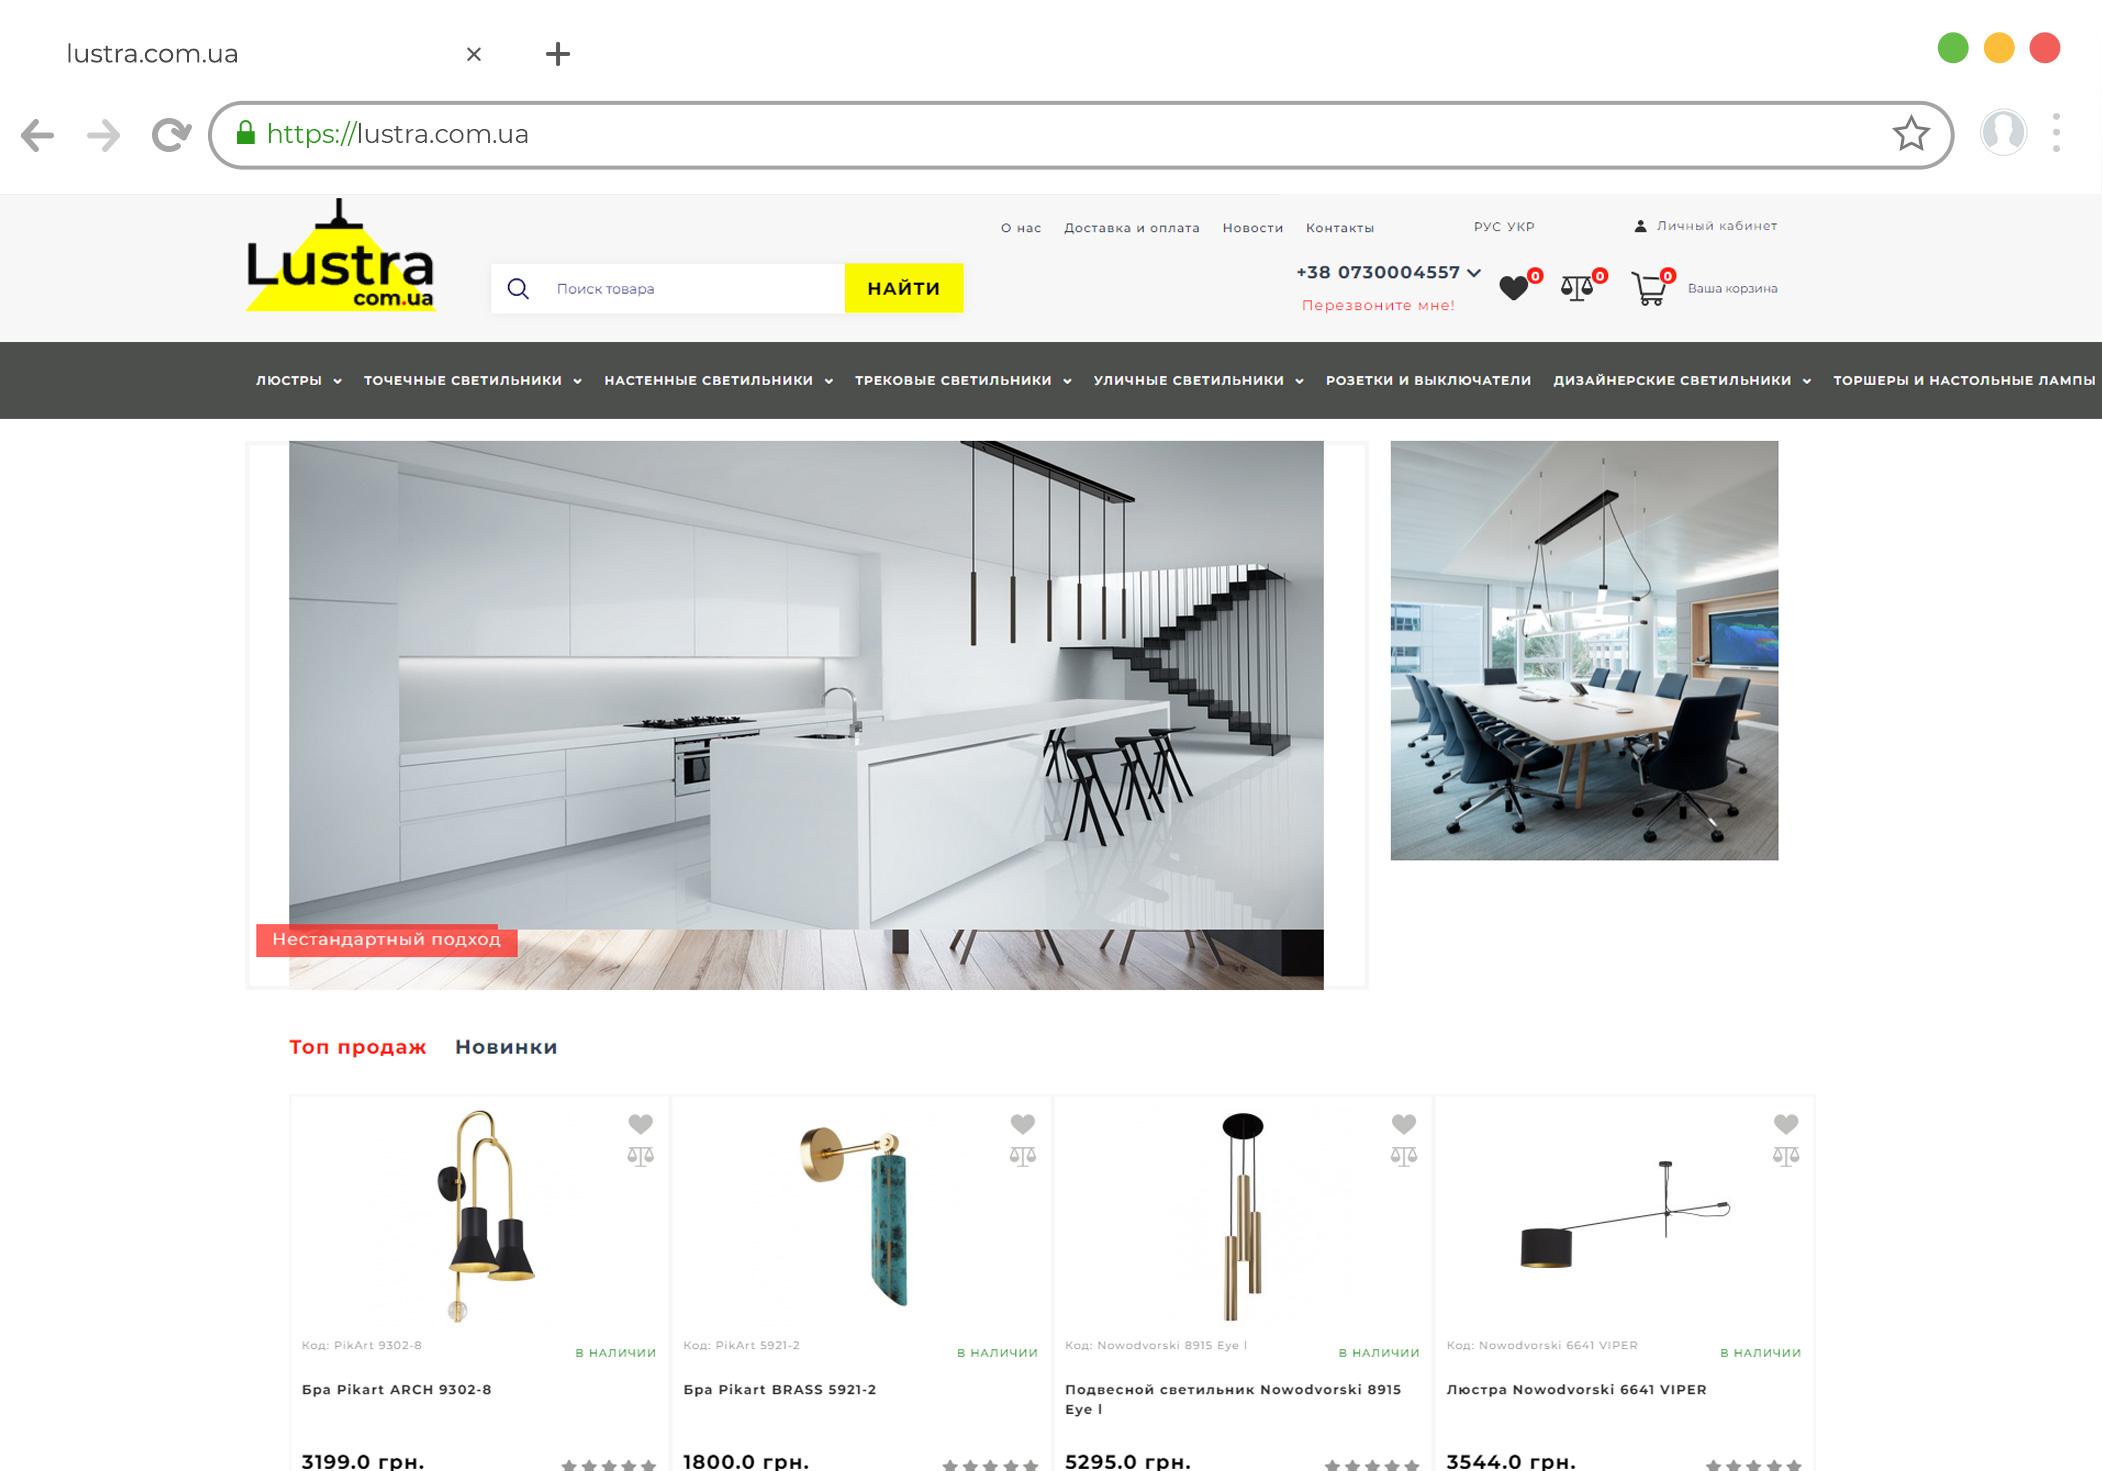 Разработка сайта по продаже освещения в Украине lustra com ua